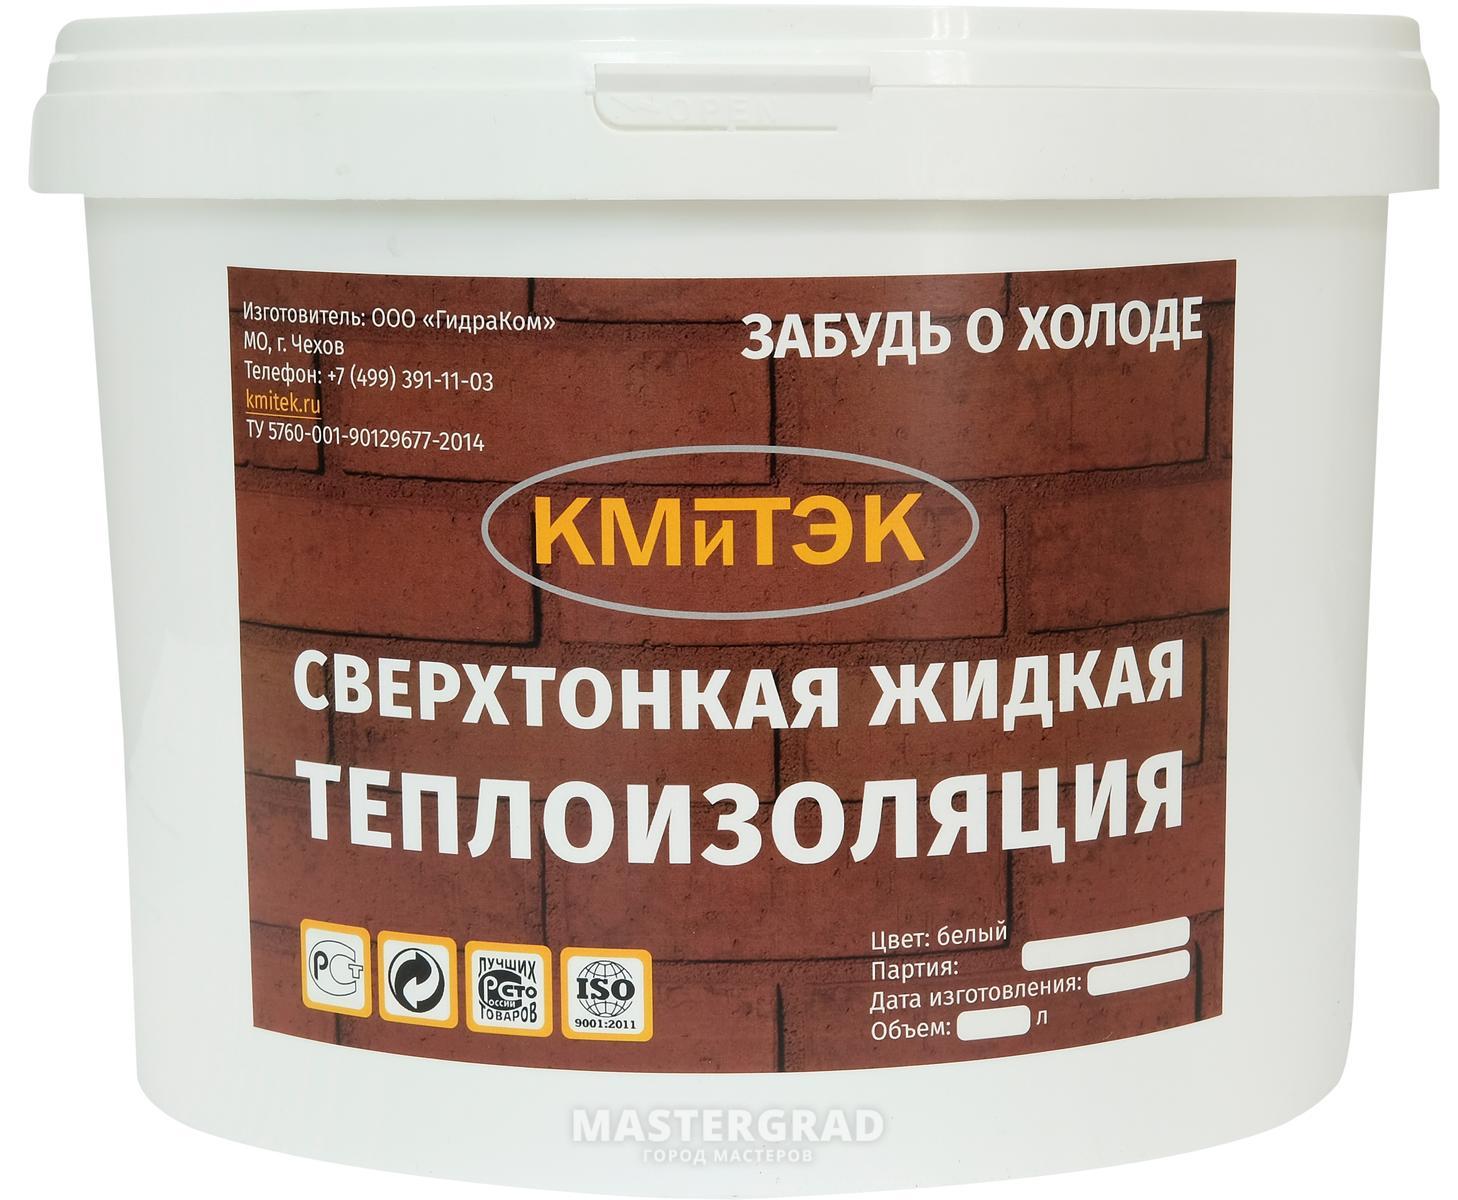 Жидкая теплоизоляция для стен — разновидности и основные характеристики, жидкий керамический утеплитель, для внутренних стен, керамическая теплоизоляция